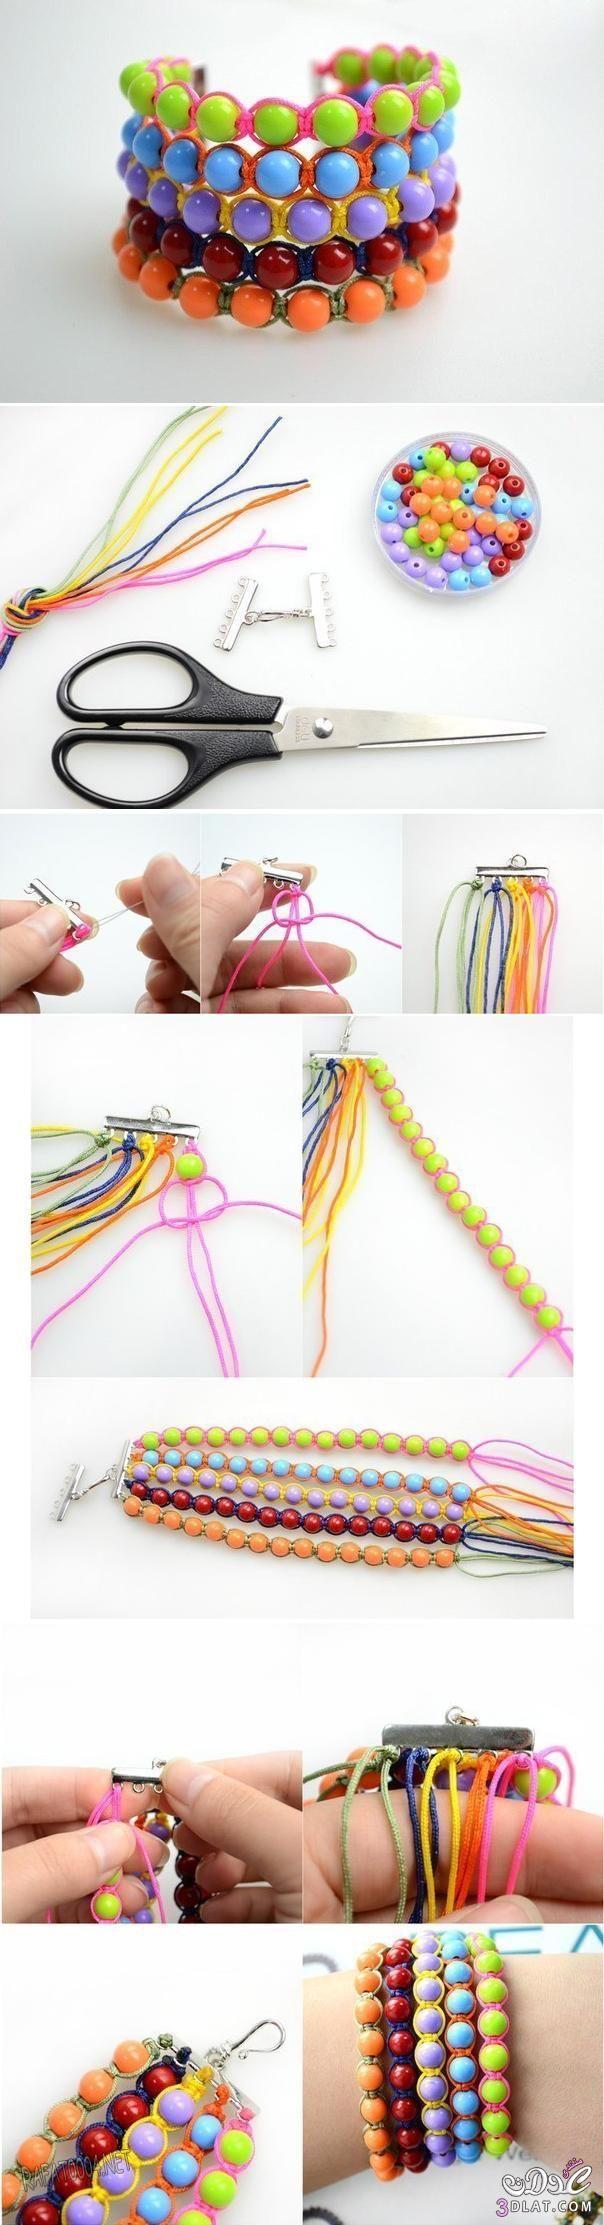 تعلم كيفية صنع اساور سريعة من الخرز Quick Beads Bracelet  اسوارة جميلة من الخرز